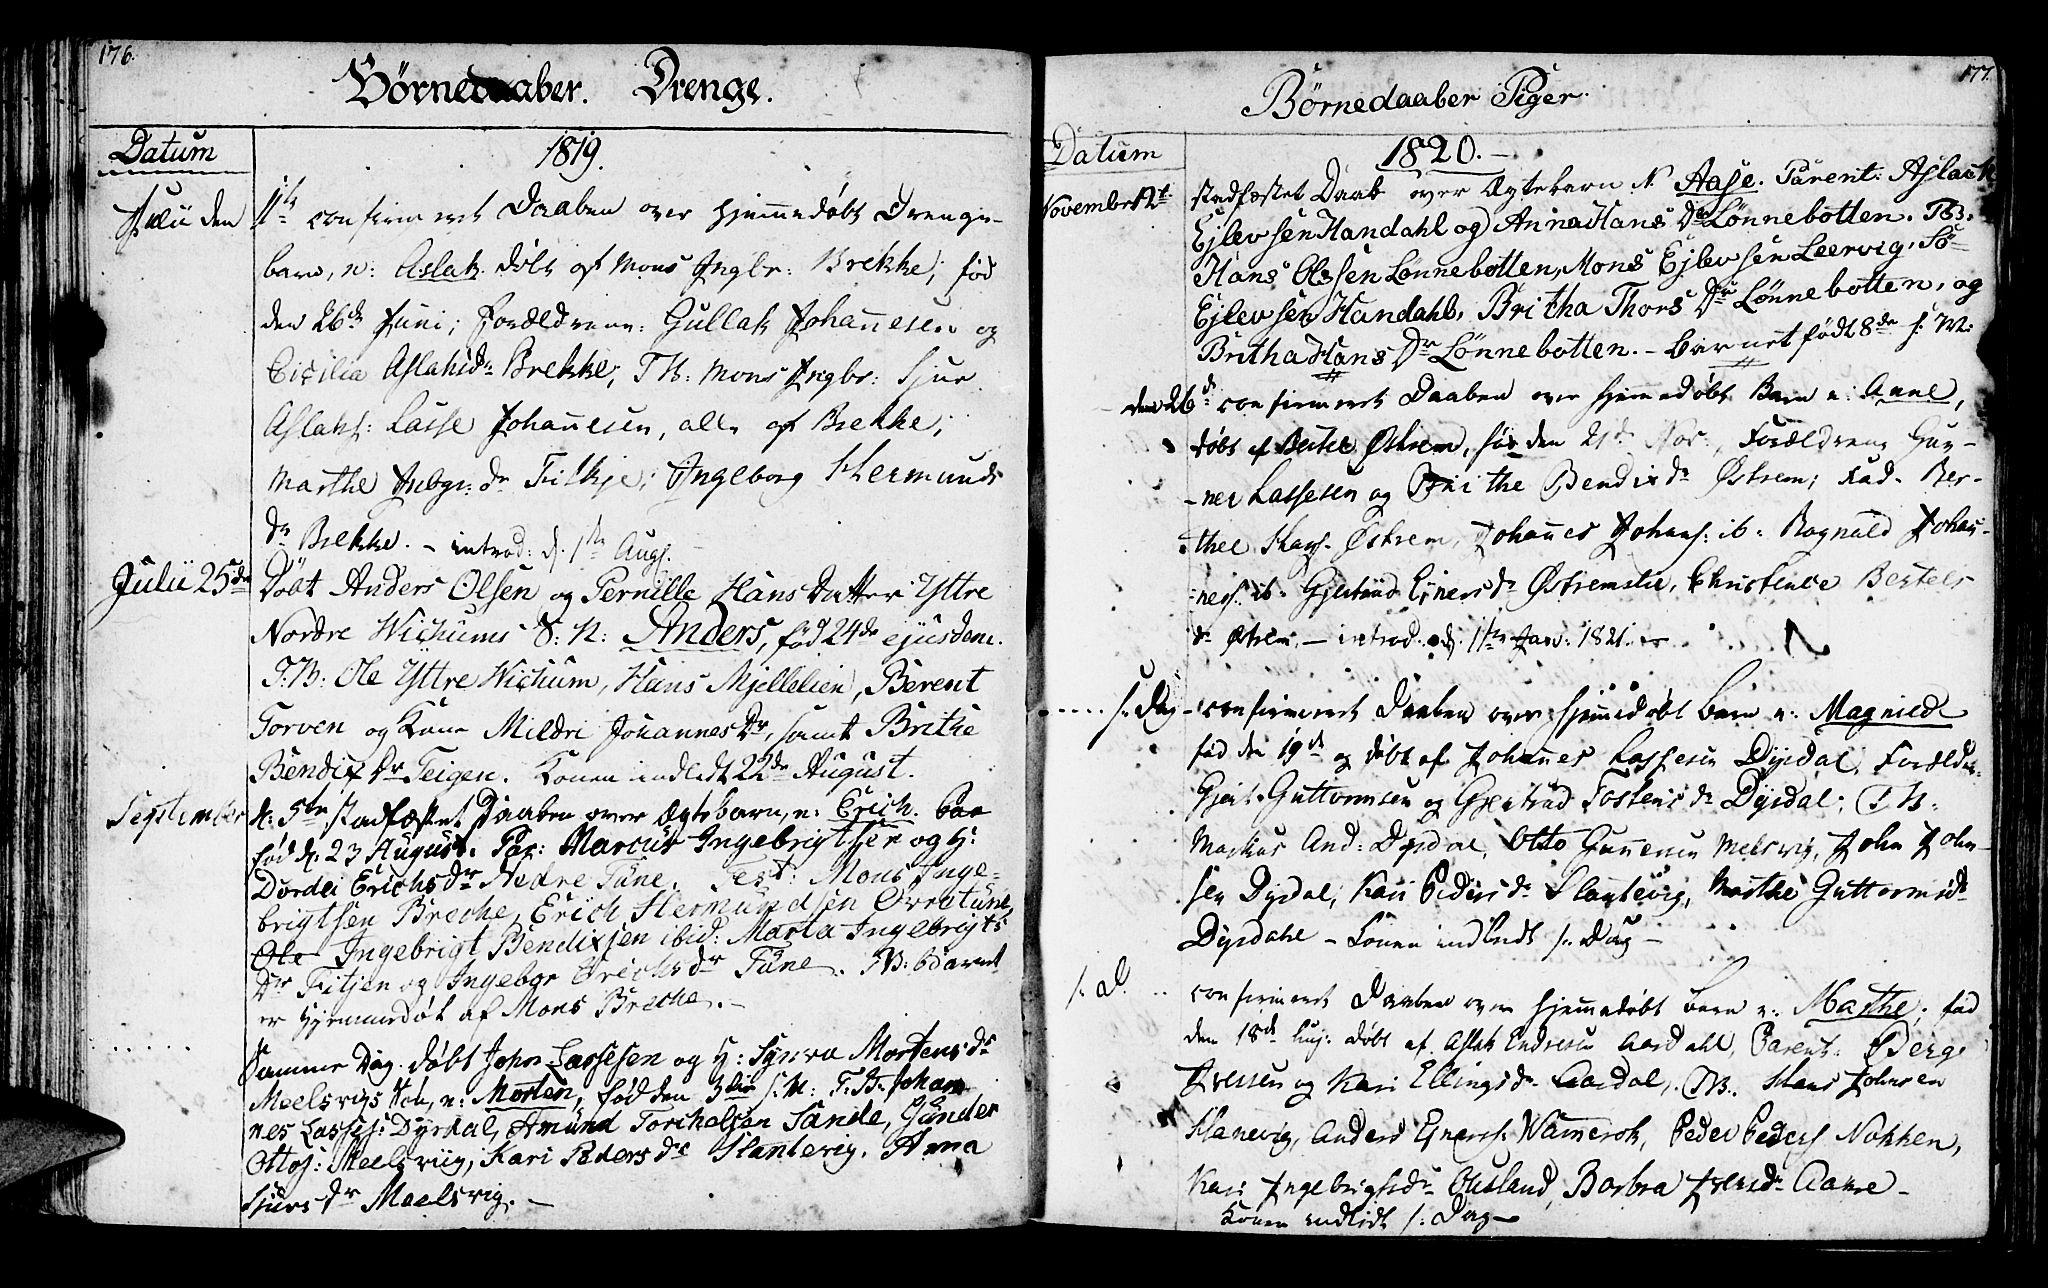 SAB, Lavik sokneprestembete, Ministerialbok nr. A 1, 1809-1822, s. 176-177